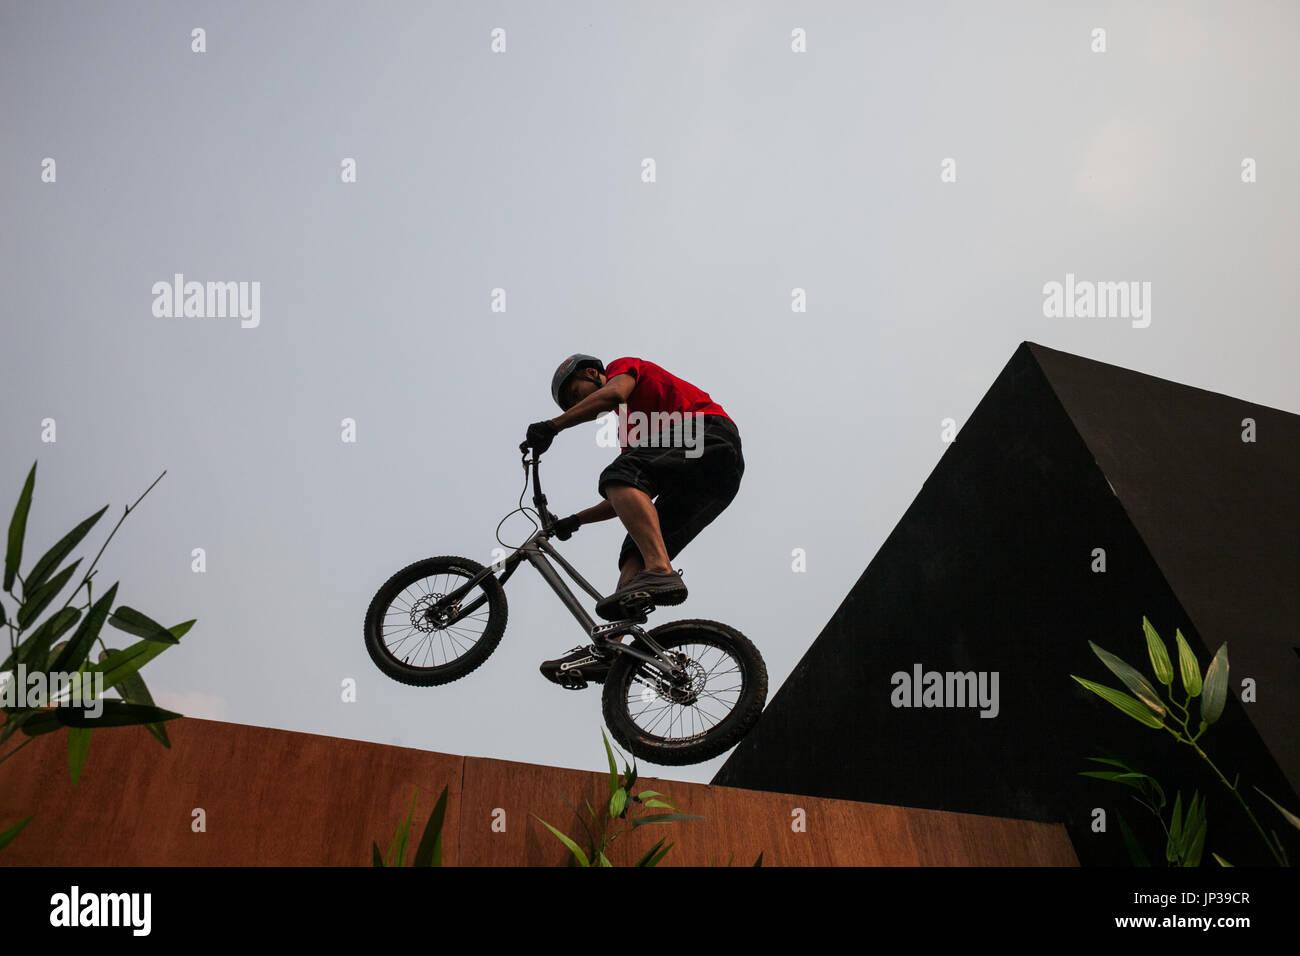 Stunt show, Beijing, China - Stock Image